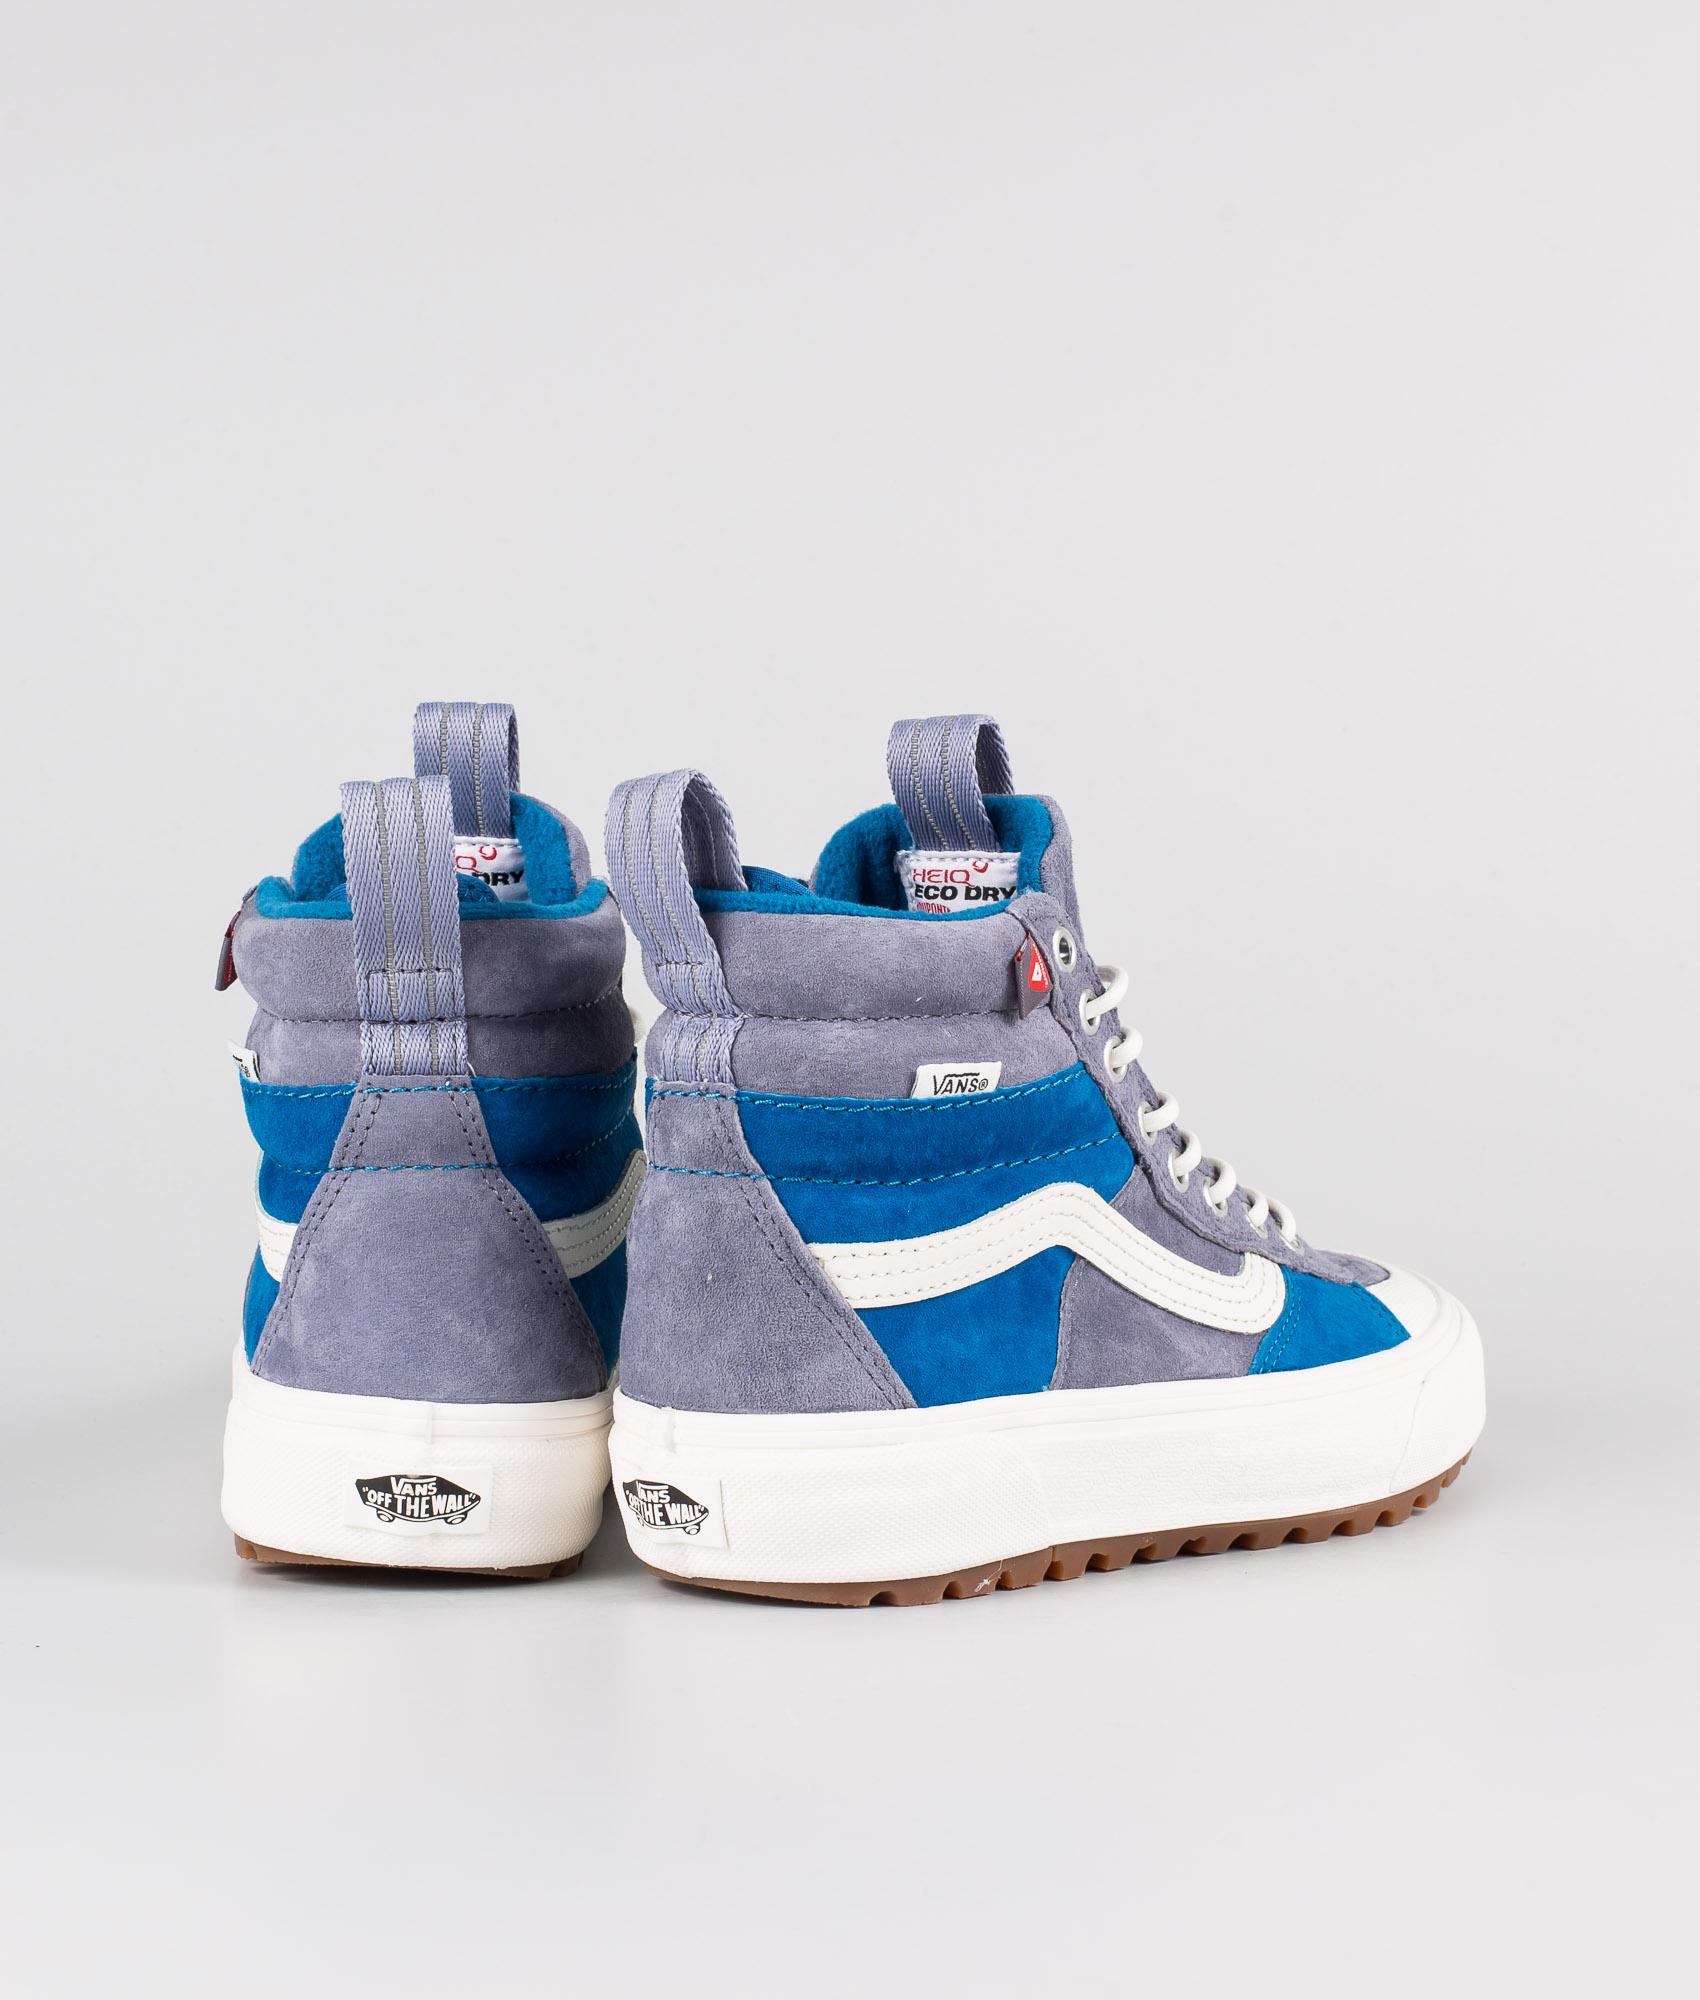 Vans SK8-Hi MTE 2.0 DX Shoes (Mte) Blue